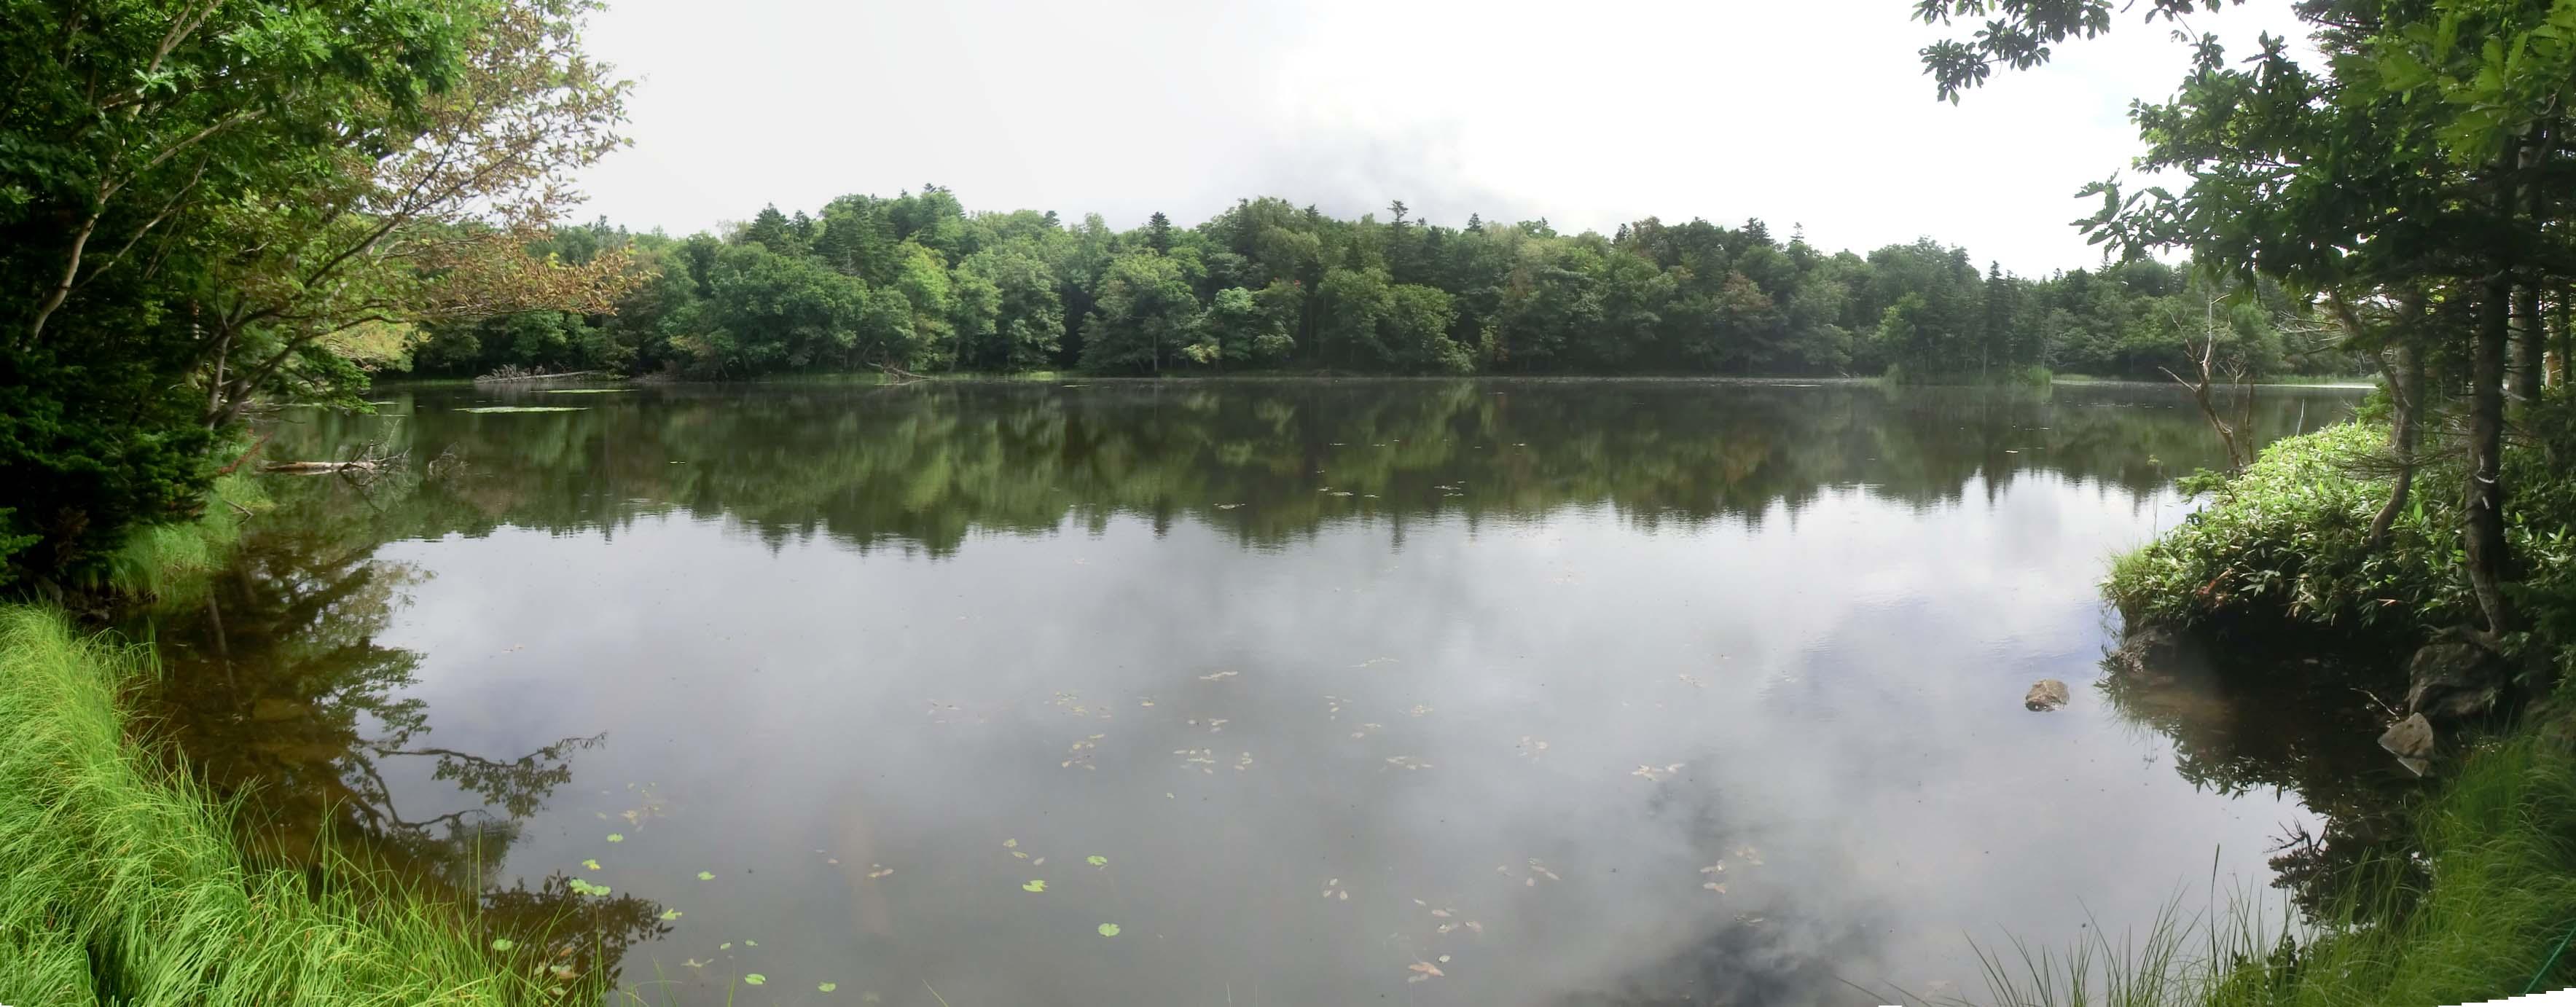 知床パノラマ三湖